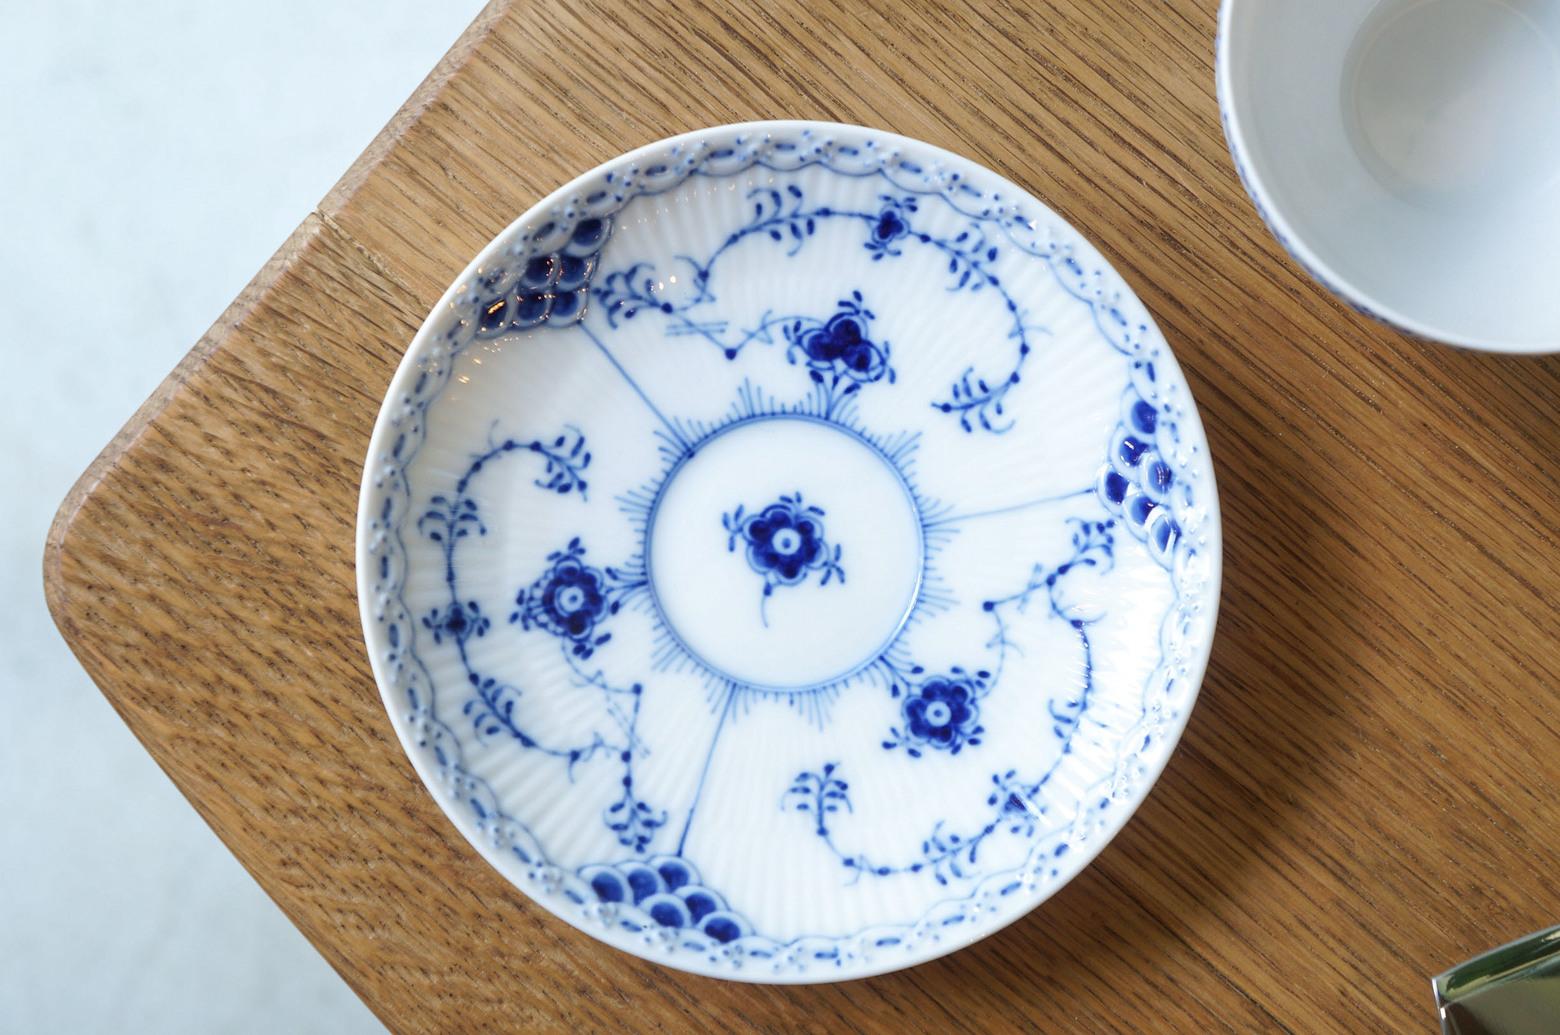 Royal Copenhagen Blue Fluted Half Lace Tea Cup and Saucer/ロイヤルコペンハーゲン ブルーフルーテッド ハーフレース ティーカップ&ソーサー 北欧食器 4